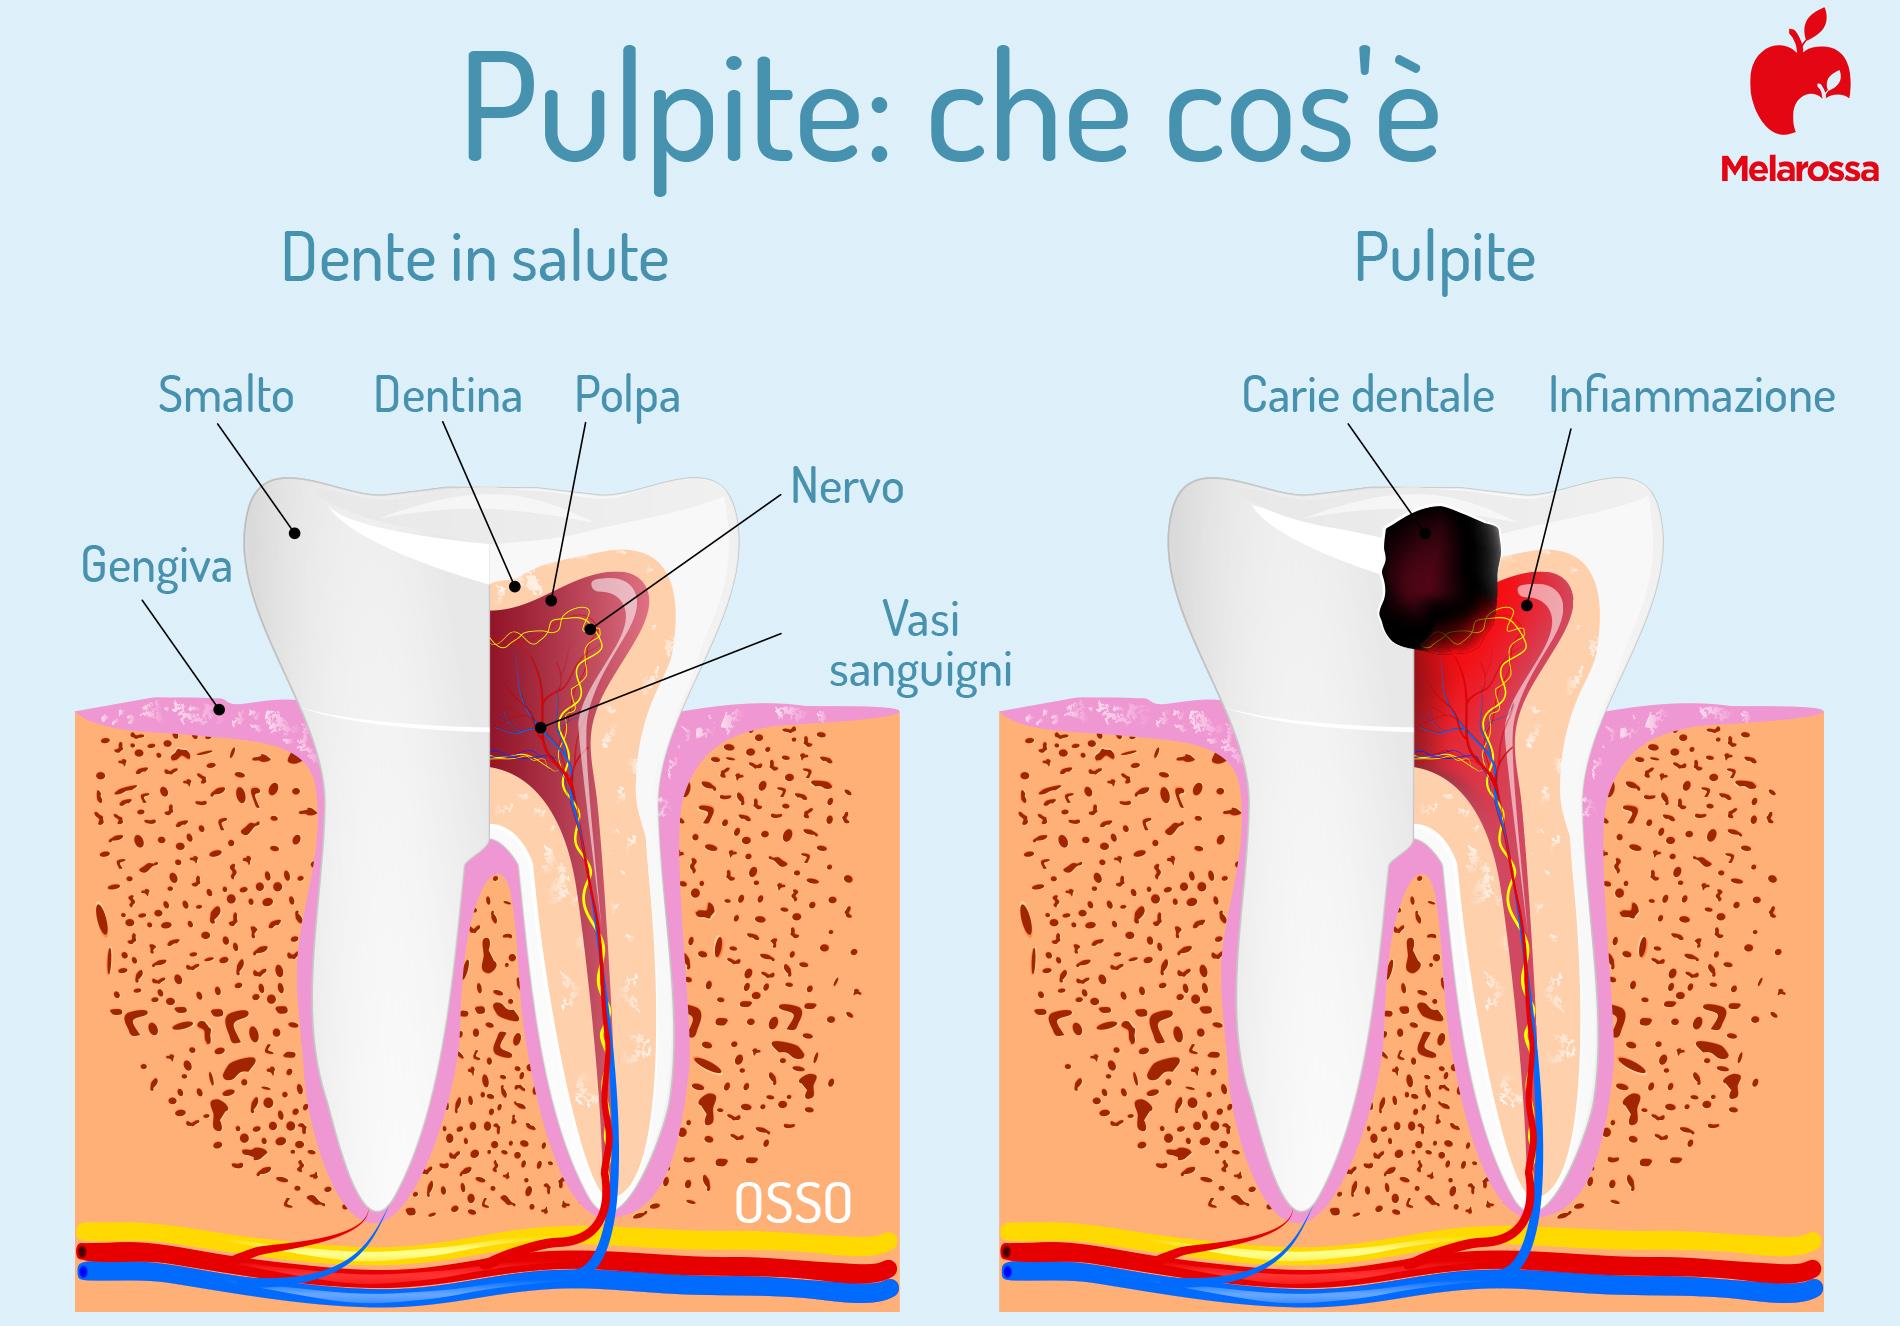 pulpite dentale: che cos'è